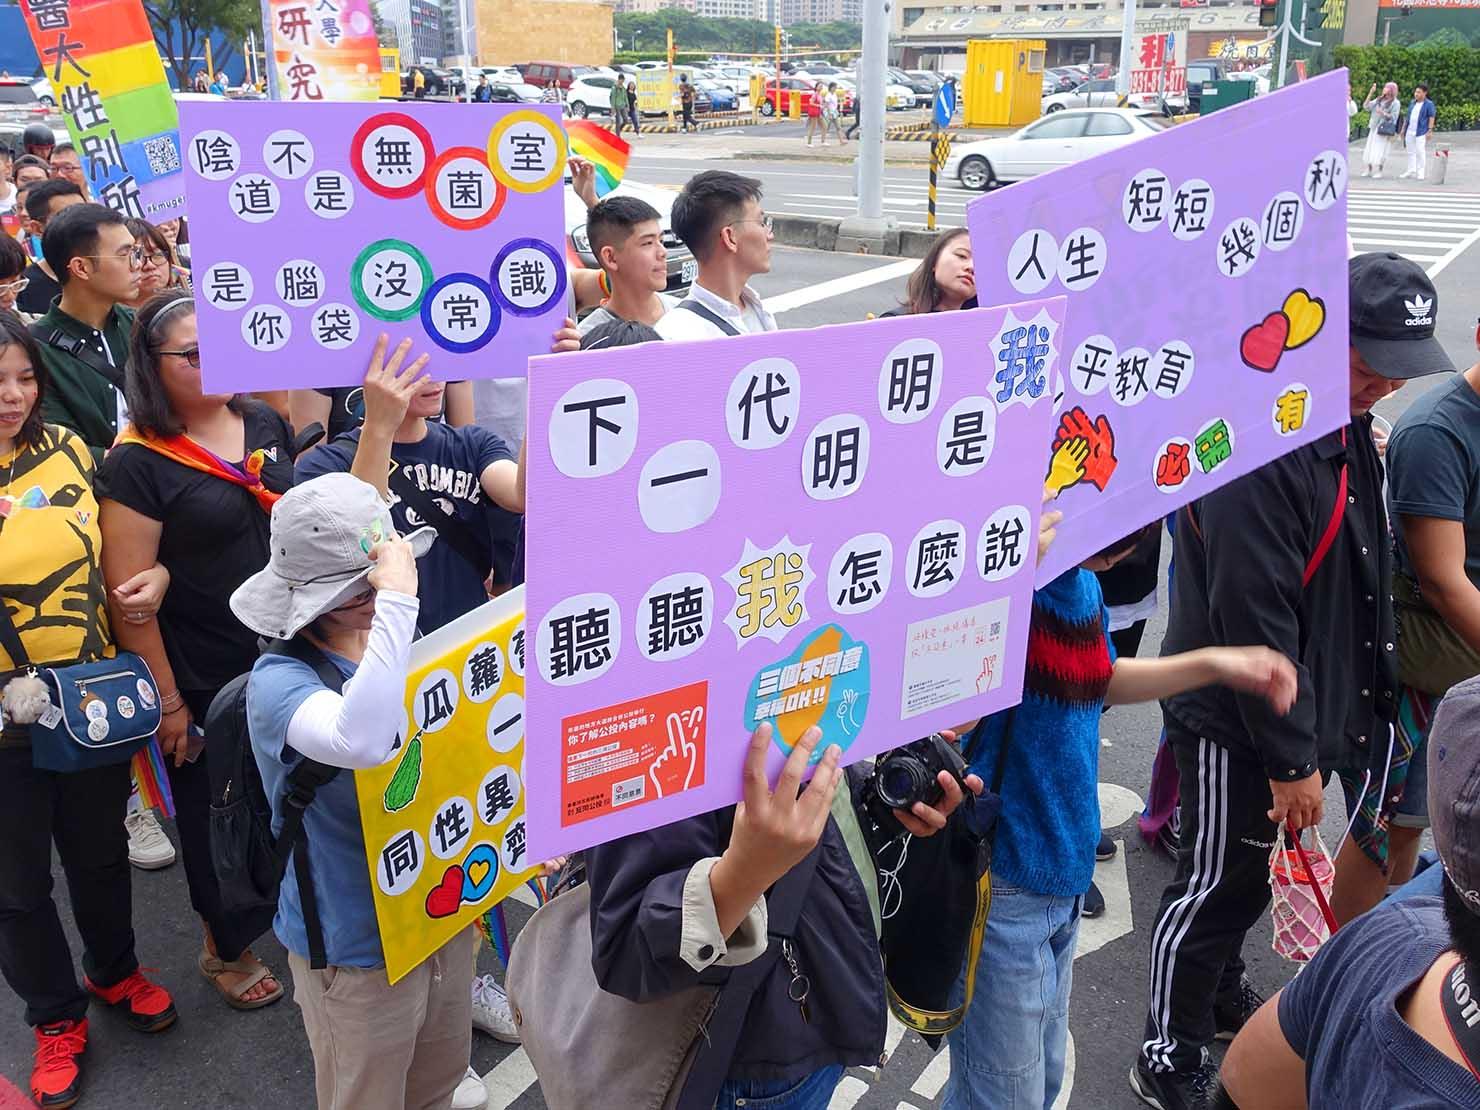 高雄同志大遊行(高雄プライド)2018パレードで掲げられたプラカード1